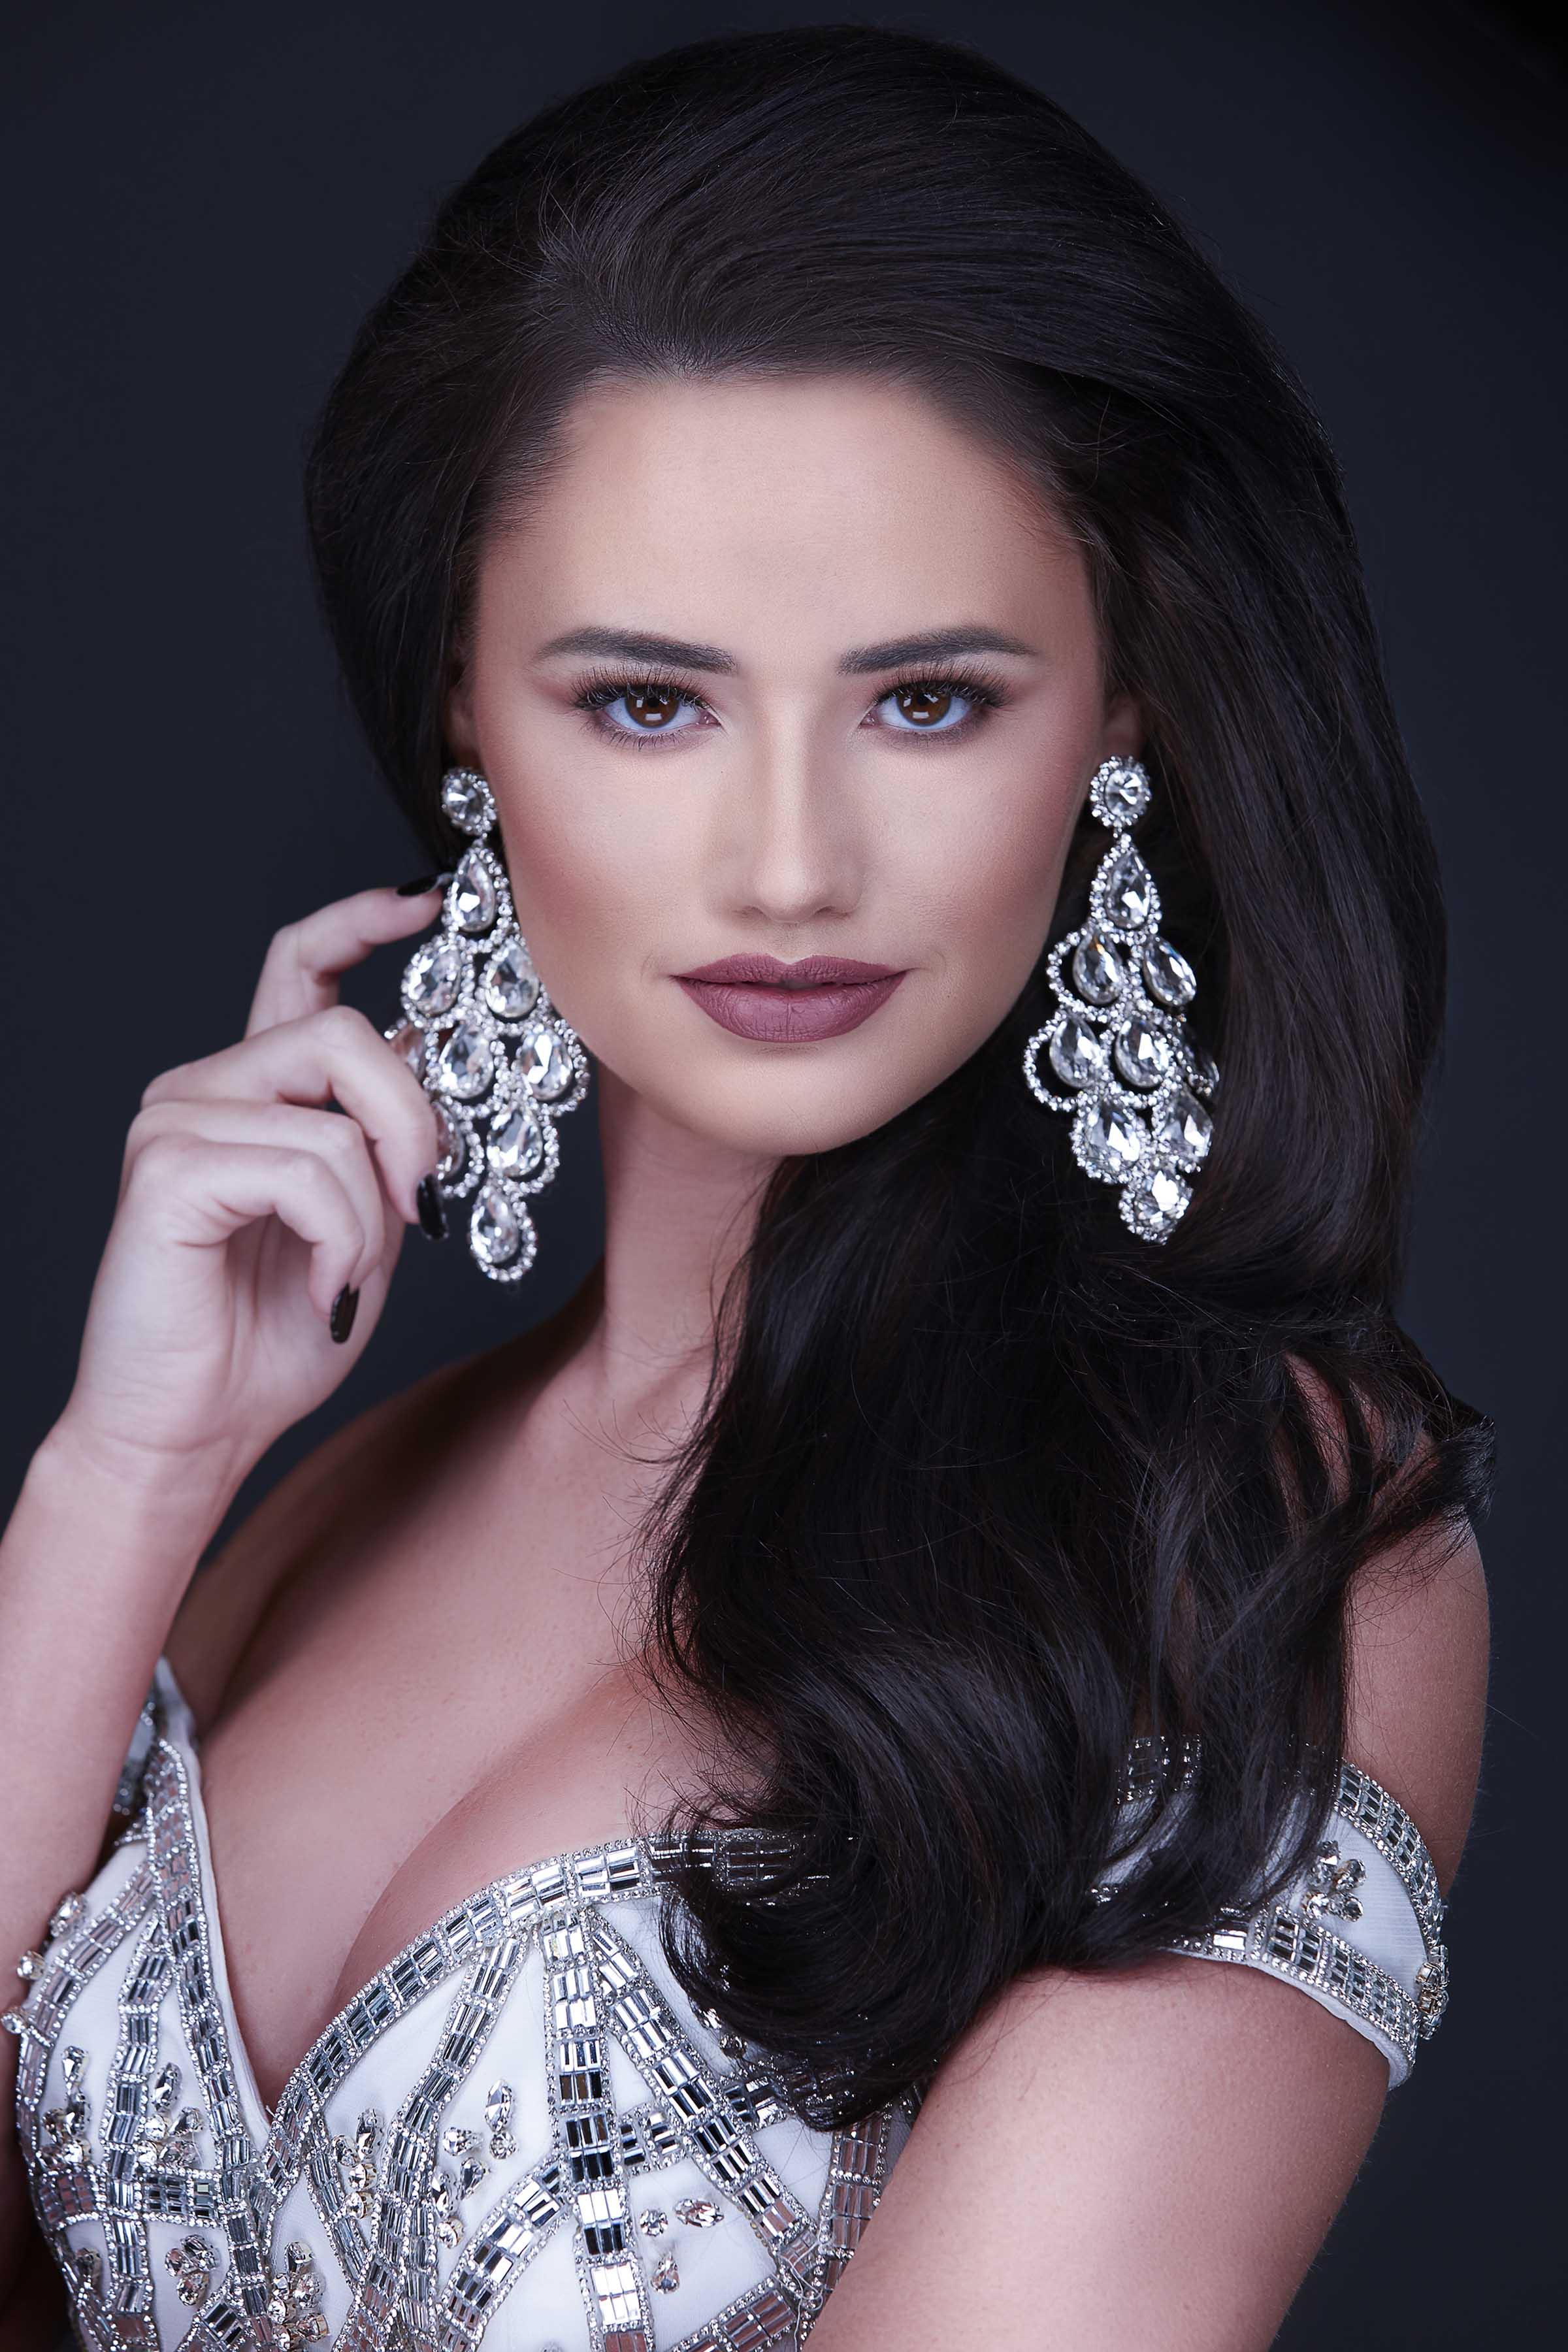 Ashleigh-bedwell-miss-missouri-runner-up-pageant-headshot-jodie-kelly.jpg